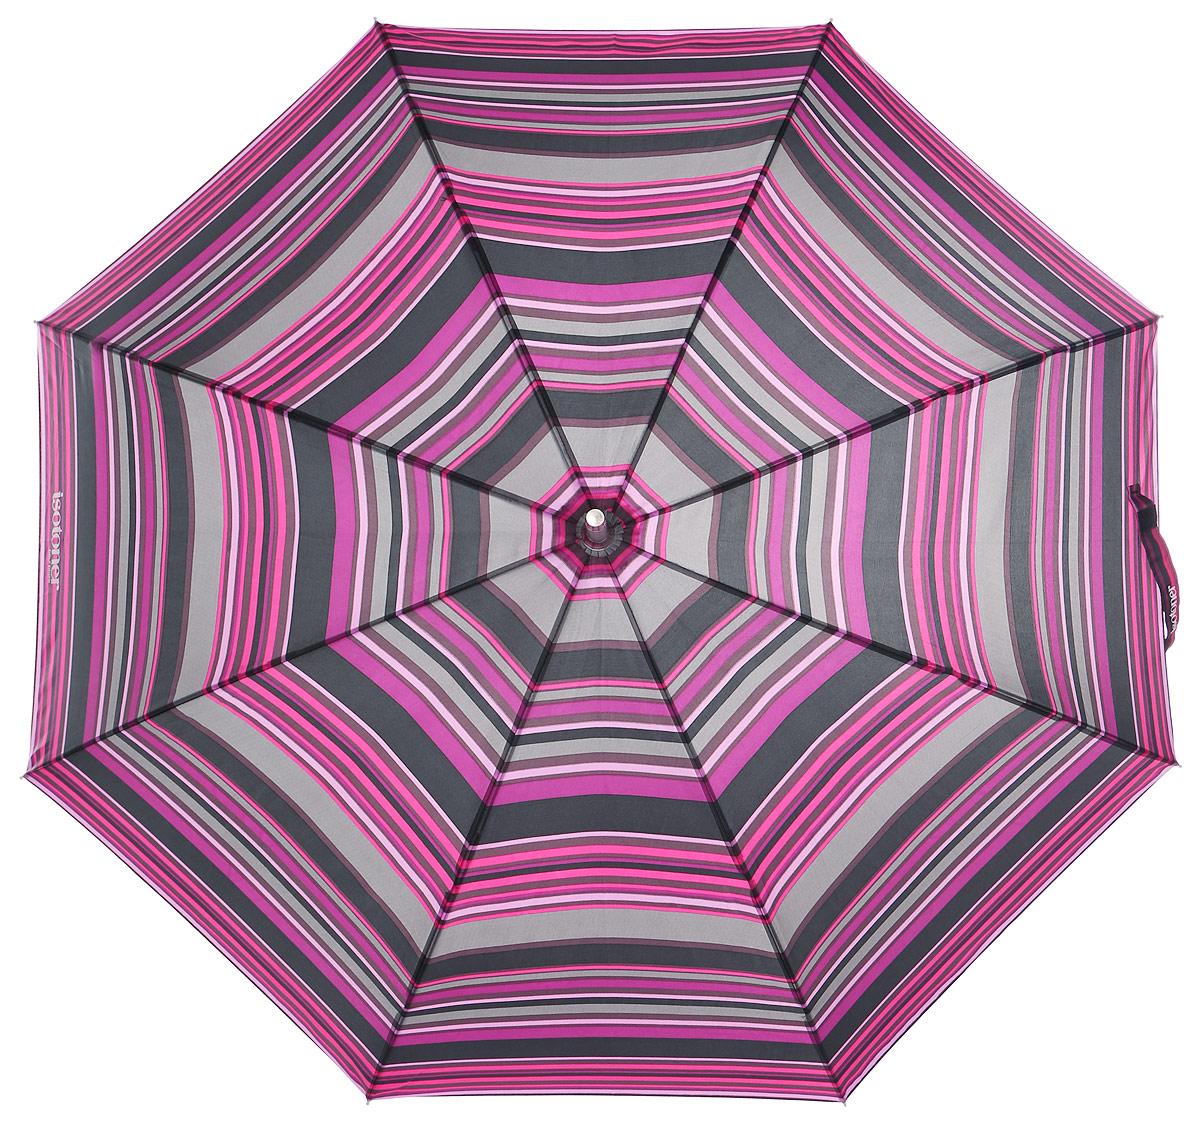 Зонт-трость женский Isotoner, полуавтомат, цвет: серый, фуксия. 09272-333809272-3338_ПолосаОригинальный зонт-трость Isotoner оформлен полосатым принтом и символикой бренда. Каркас зонта содержит восемь спиц из алюминия и стеклопластика, а также дополнен удобной рукояткой. Полуавтоматический зонт открывается нажатием на кнопку и складывается вручную. Купол зонта выполнен из прочного полиэстера. Стильный зонт - незаменимая вещь в гардеробе каждой модницы. Он не только надежно защитит от дождя, но и станет прекрасным дополнением к вашему образу.